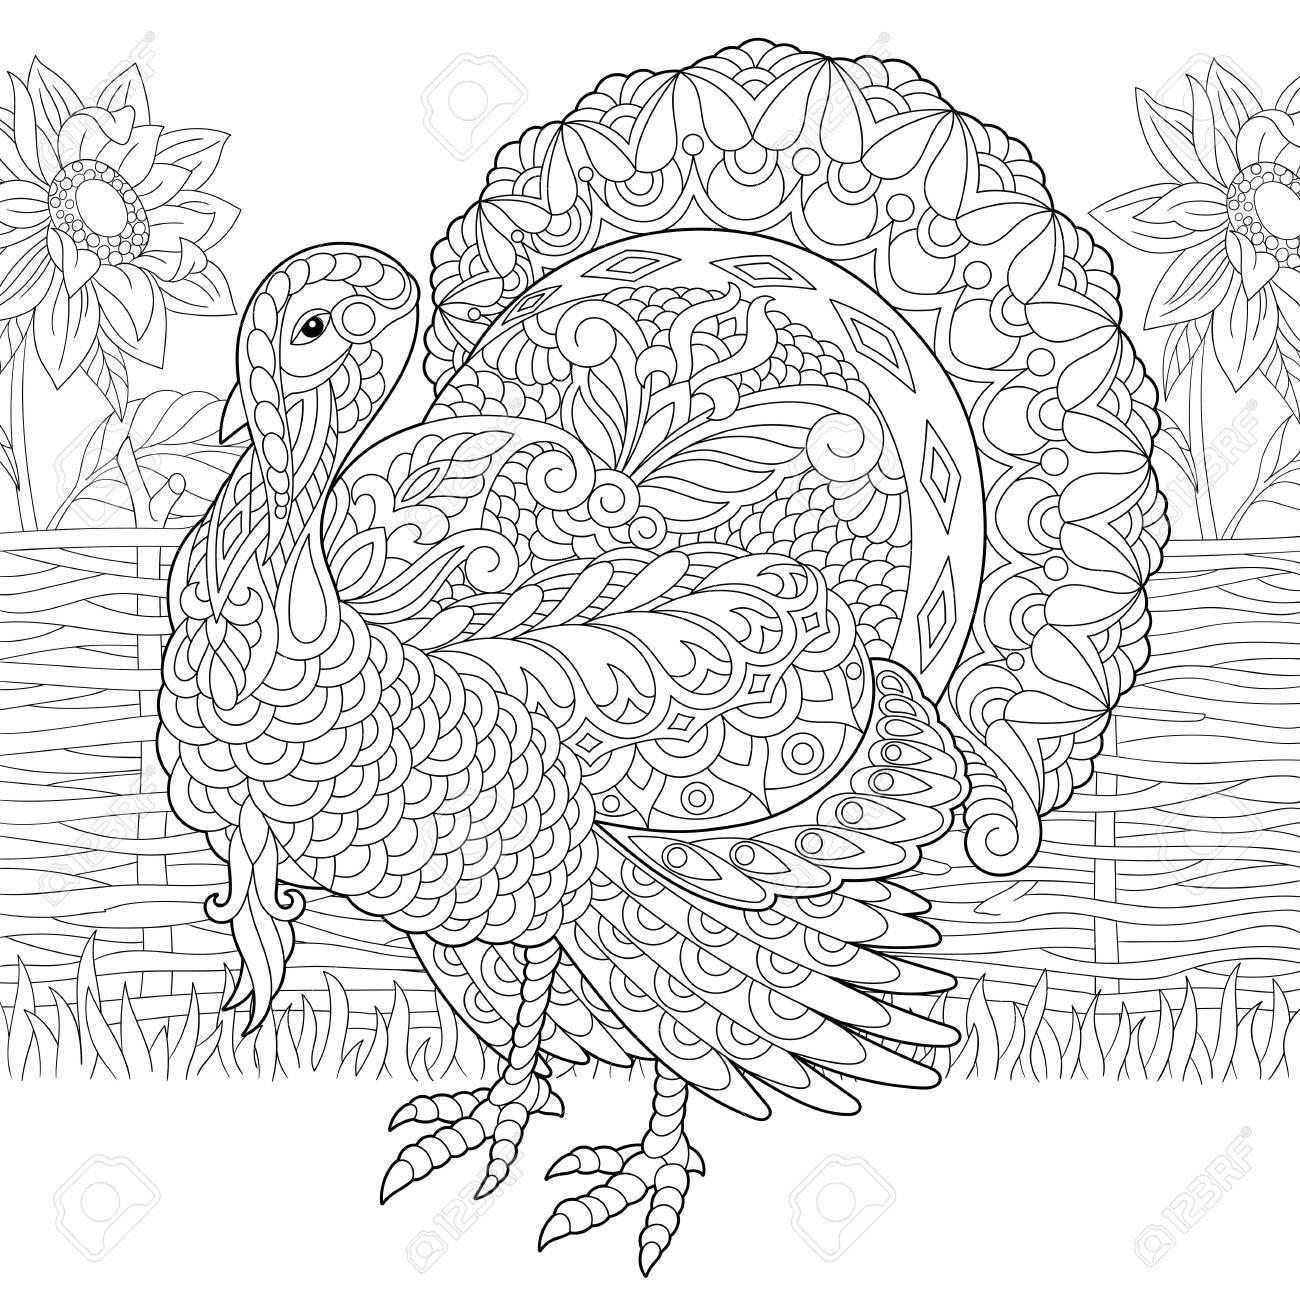 トルコ農家の庭にひまわりのぬりえフリーハンド スケッチは感謝祭